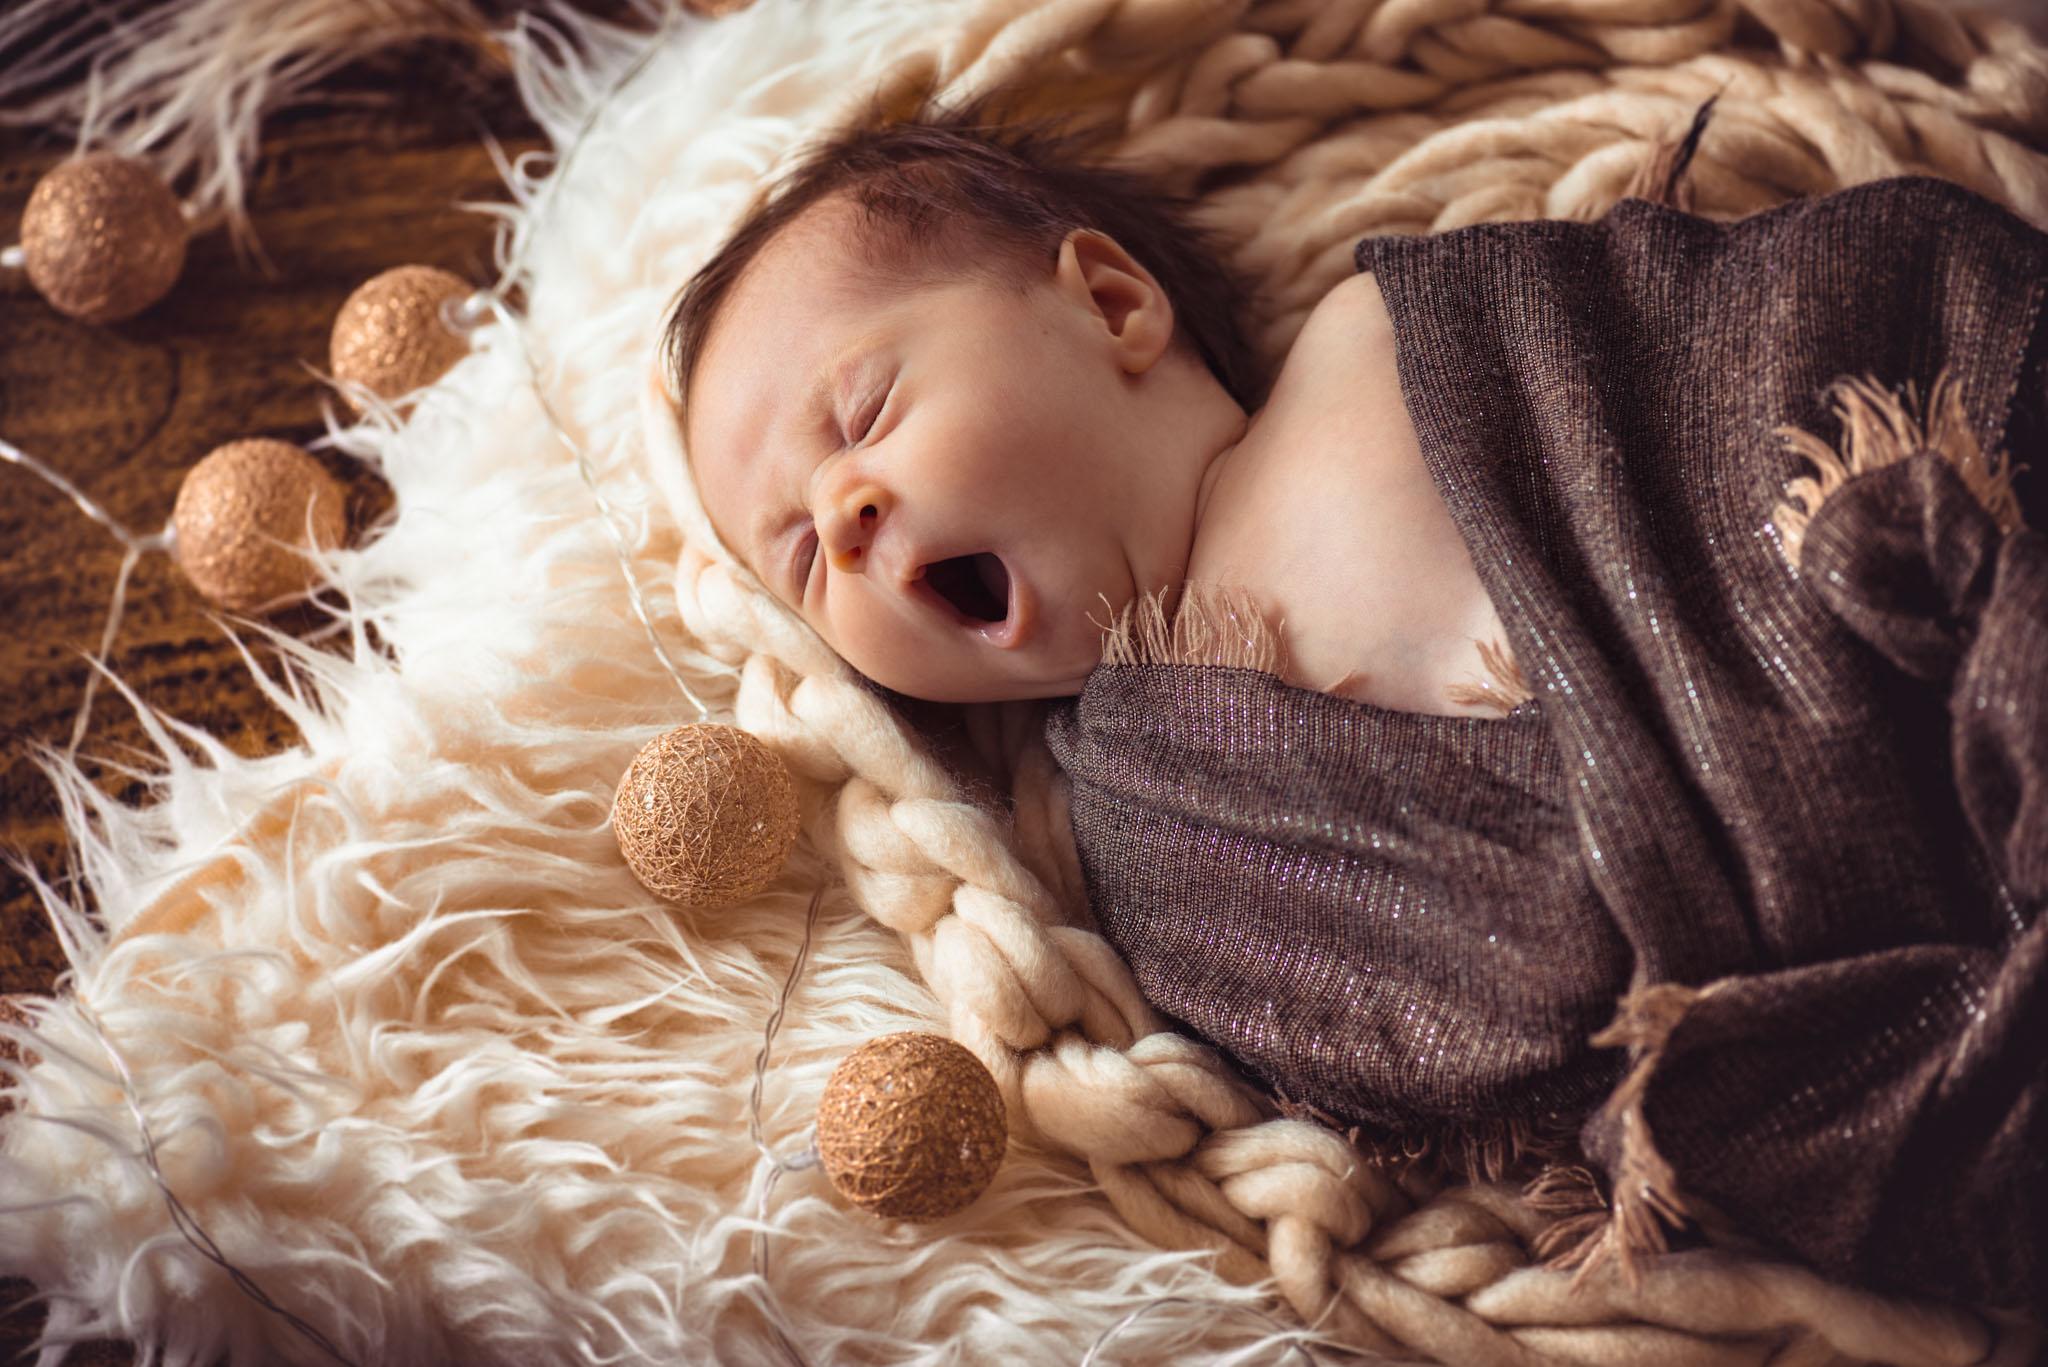 Meilleur Site Pour Photographe photographe shooting photo bébé à lyon - studio le carré